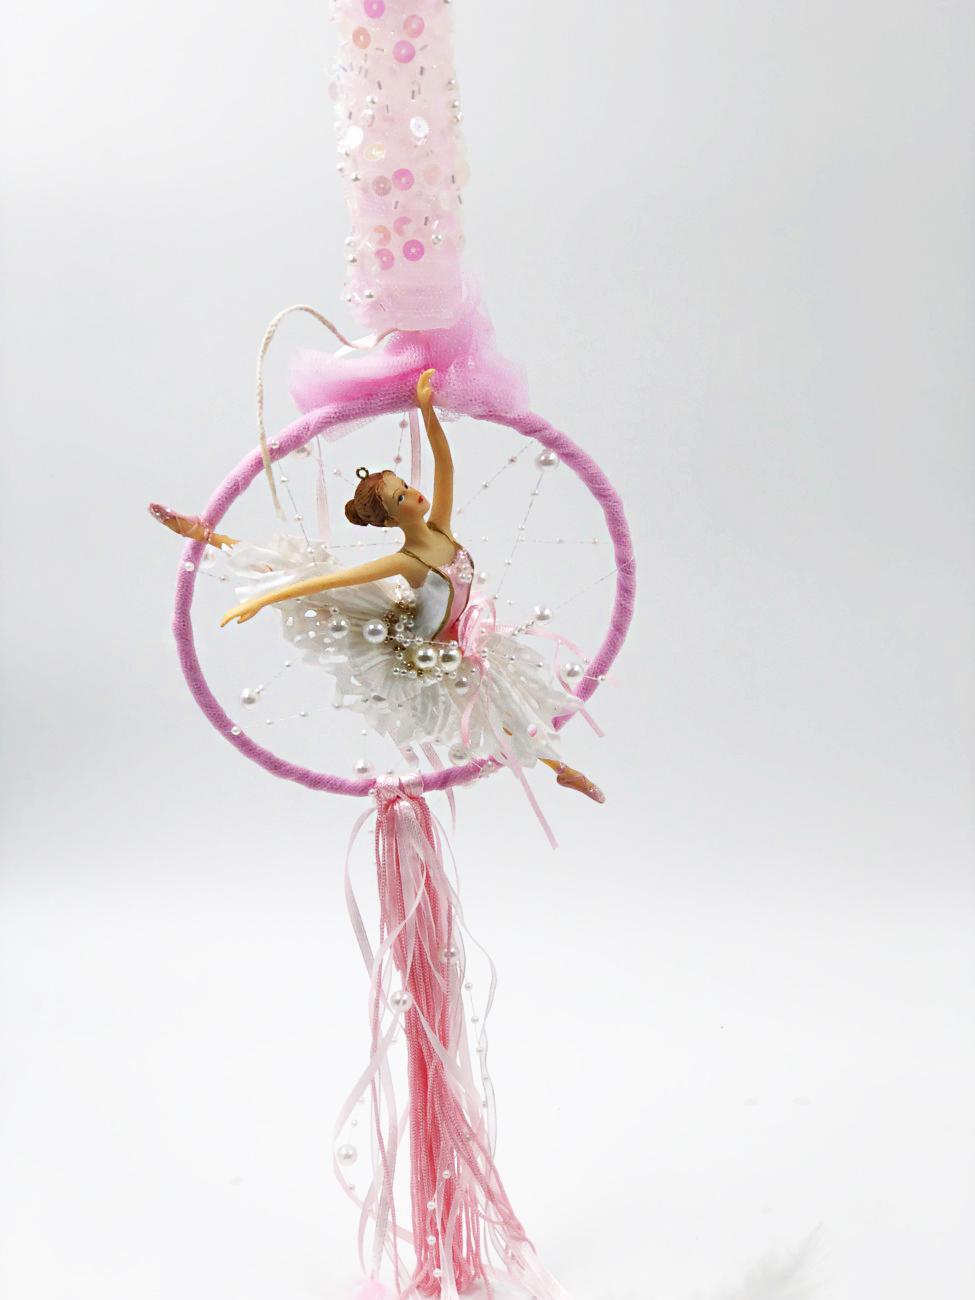 Λαμπάδα ροζ μπαλαρίνα ονειροπαγίδα